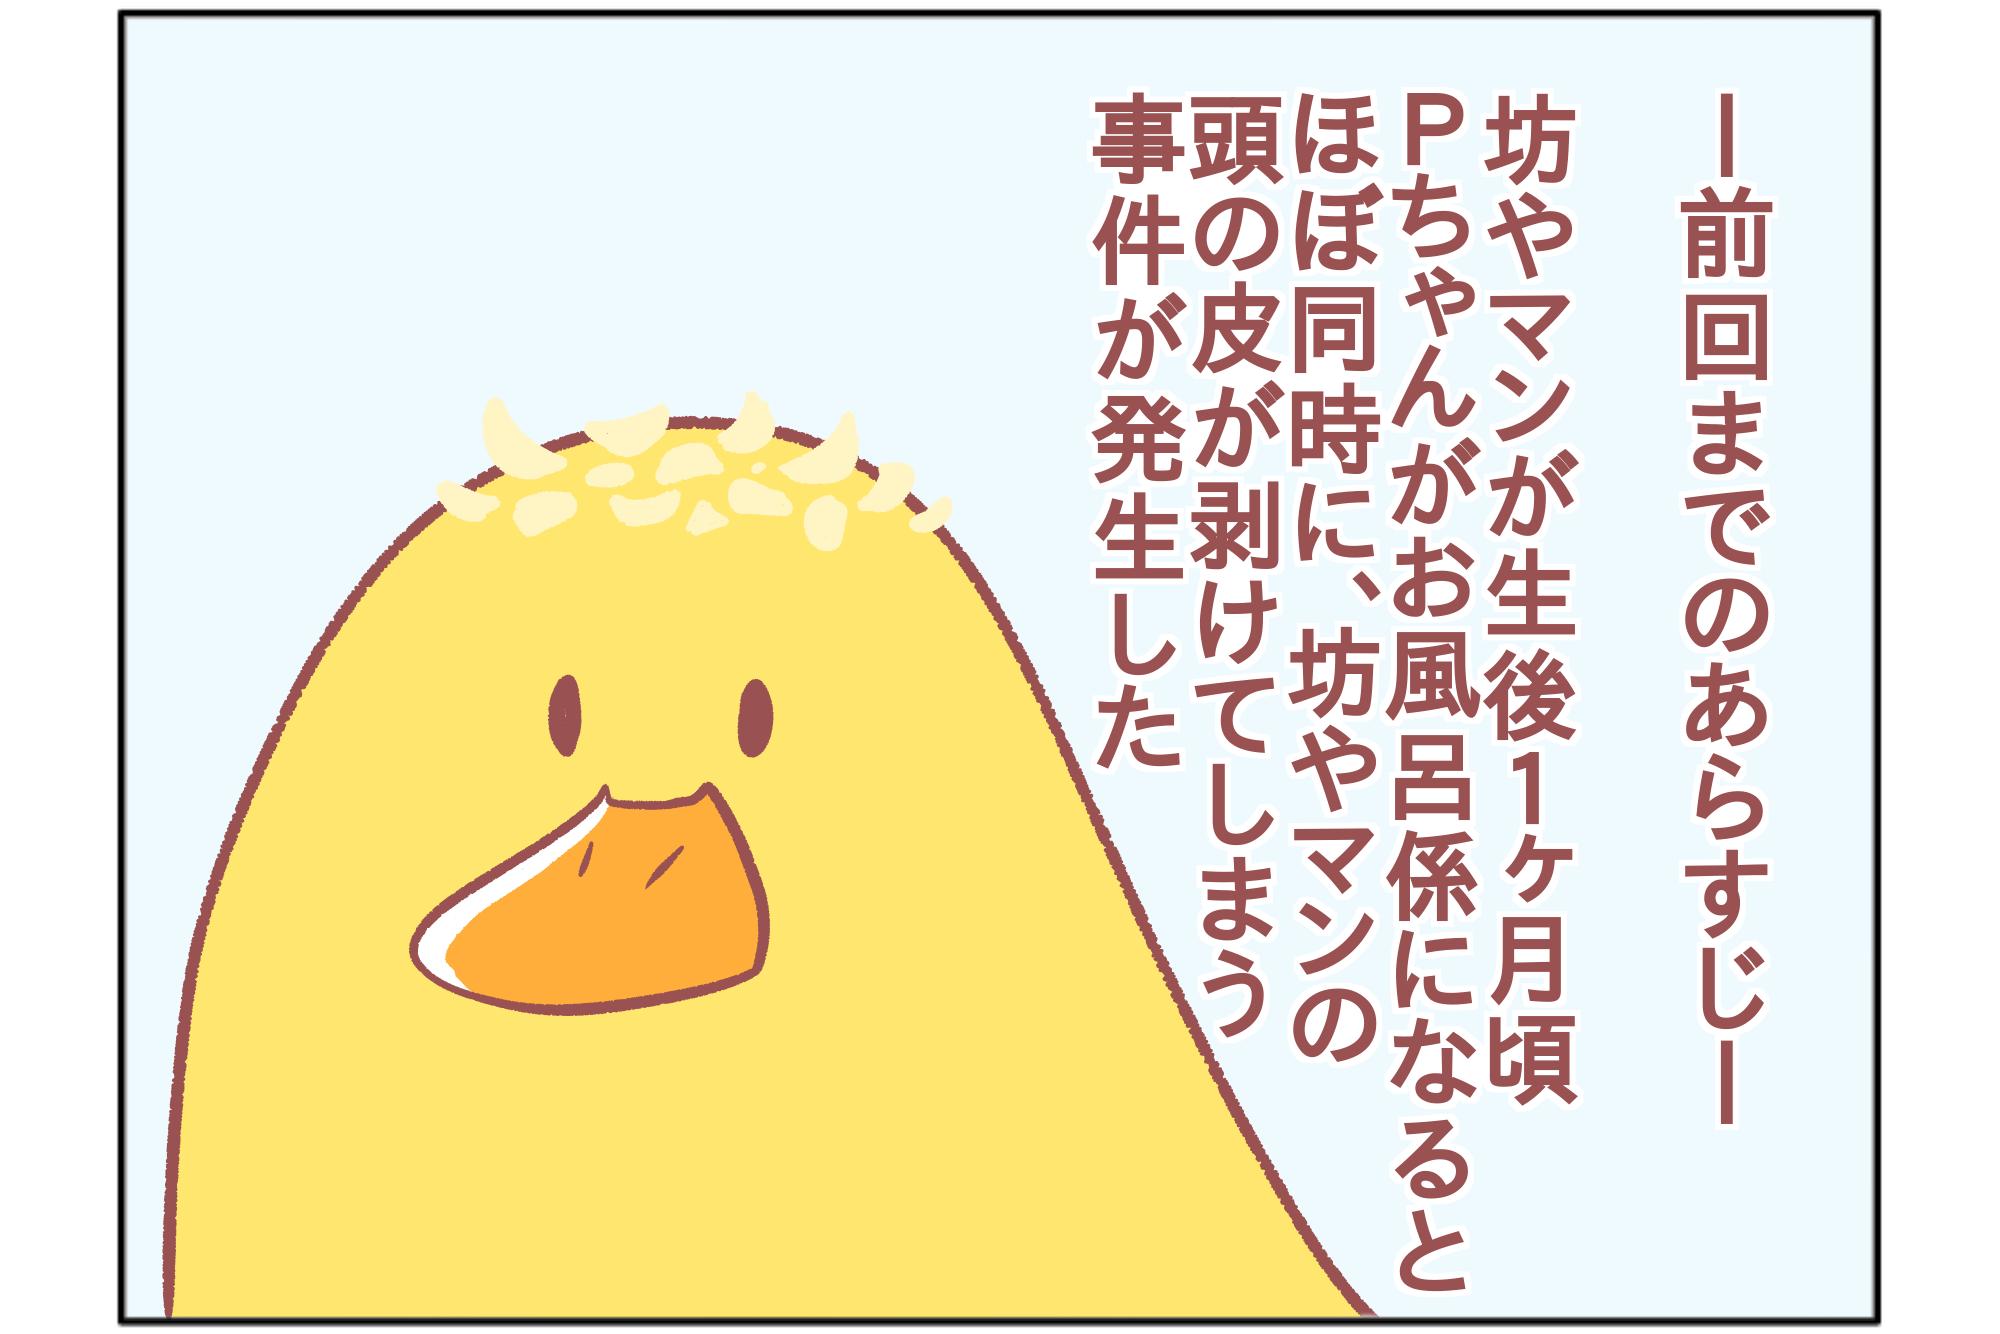 息子の頭皮に異変が…!(中編)|鳥谷丁子のオモテ育児・ウラ育児#17